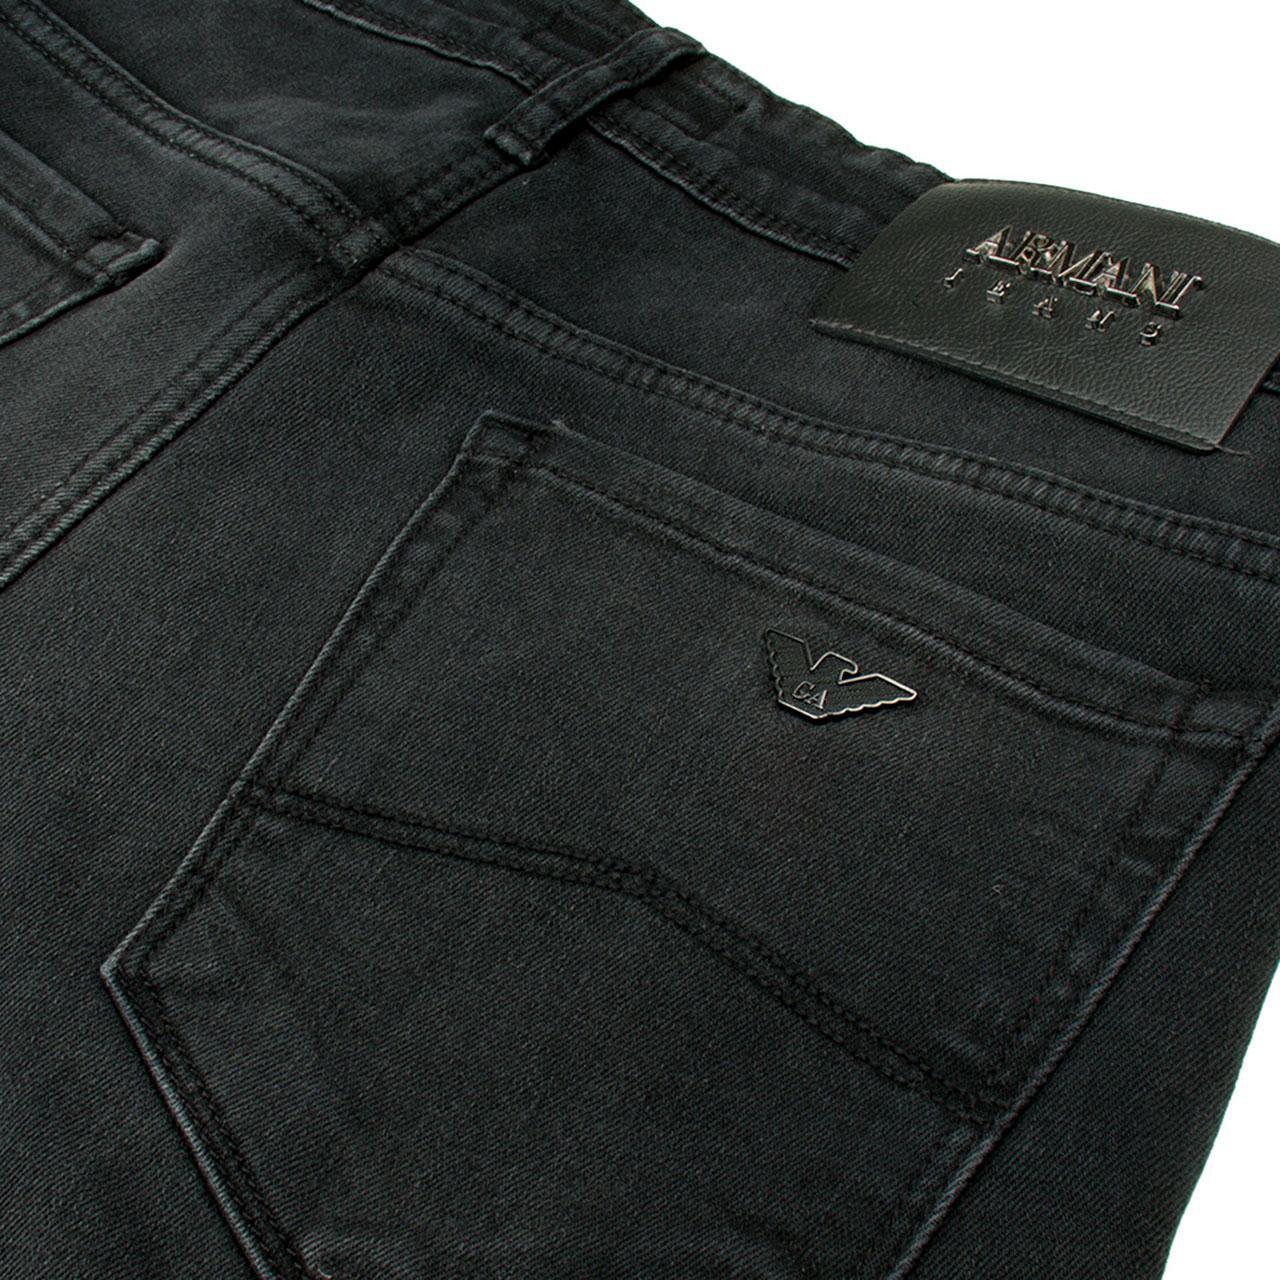 Джинсы мужские утеплённые ARMANI  продажа, цена в Украине. джинсы ... 20b5669d27f